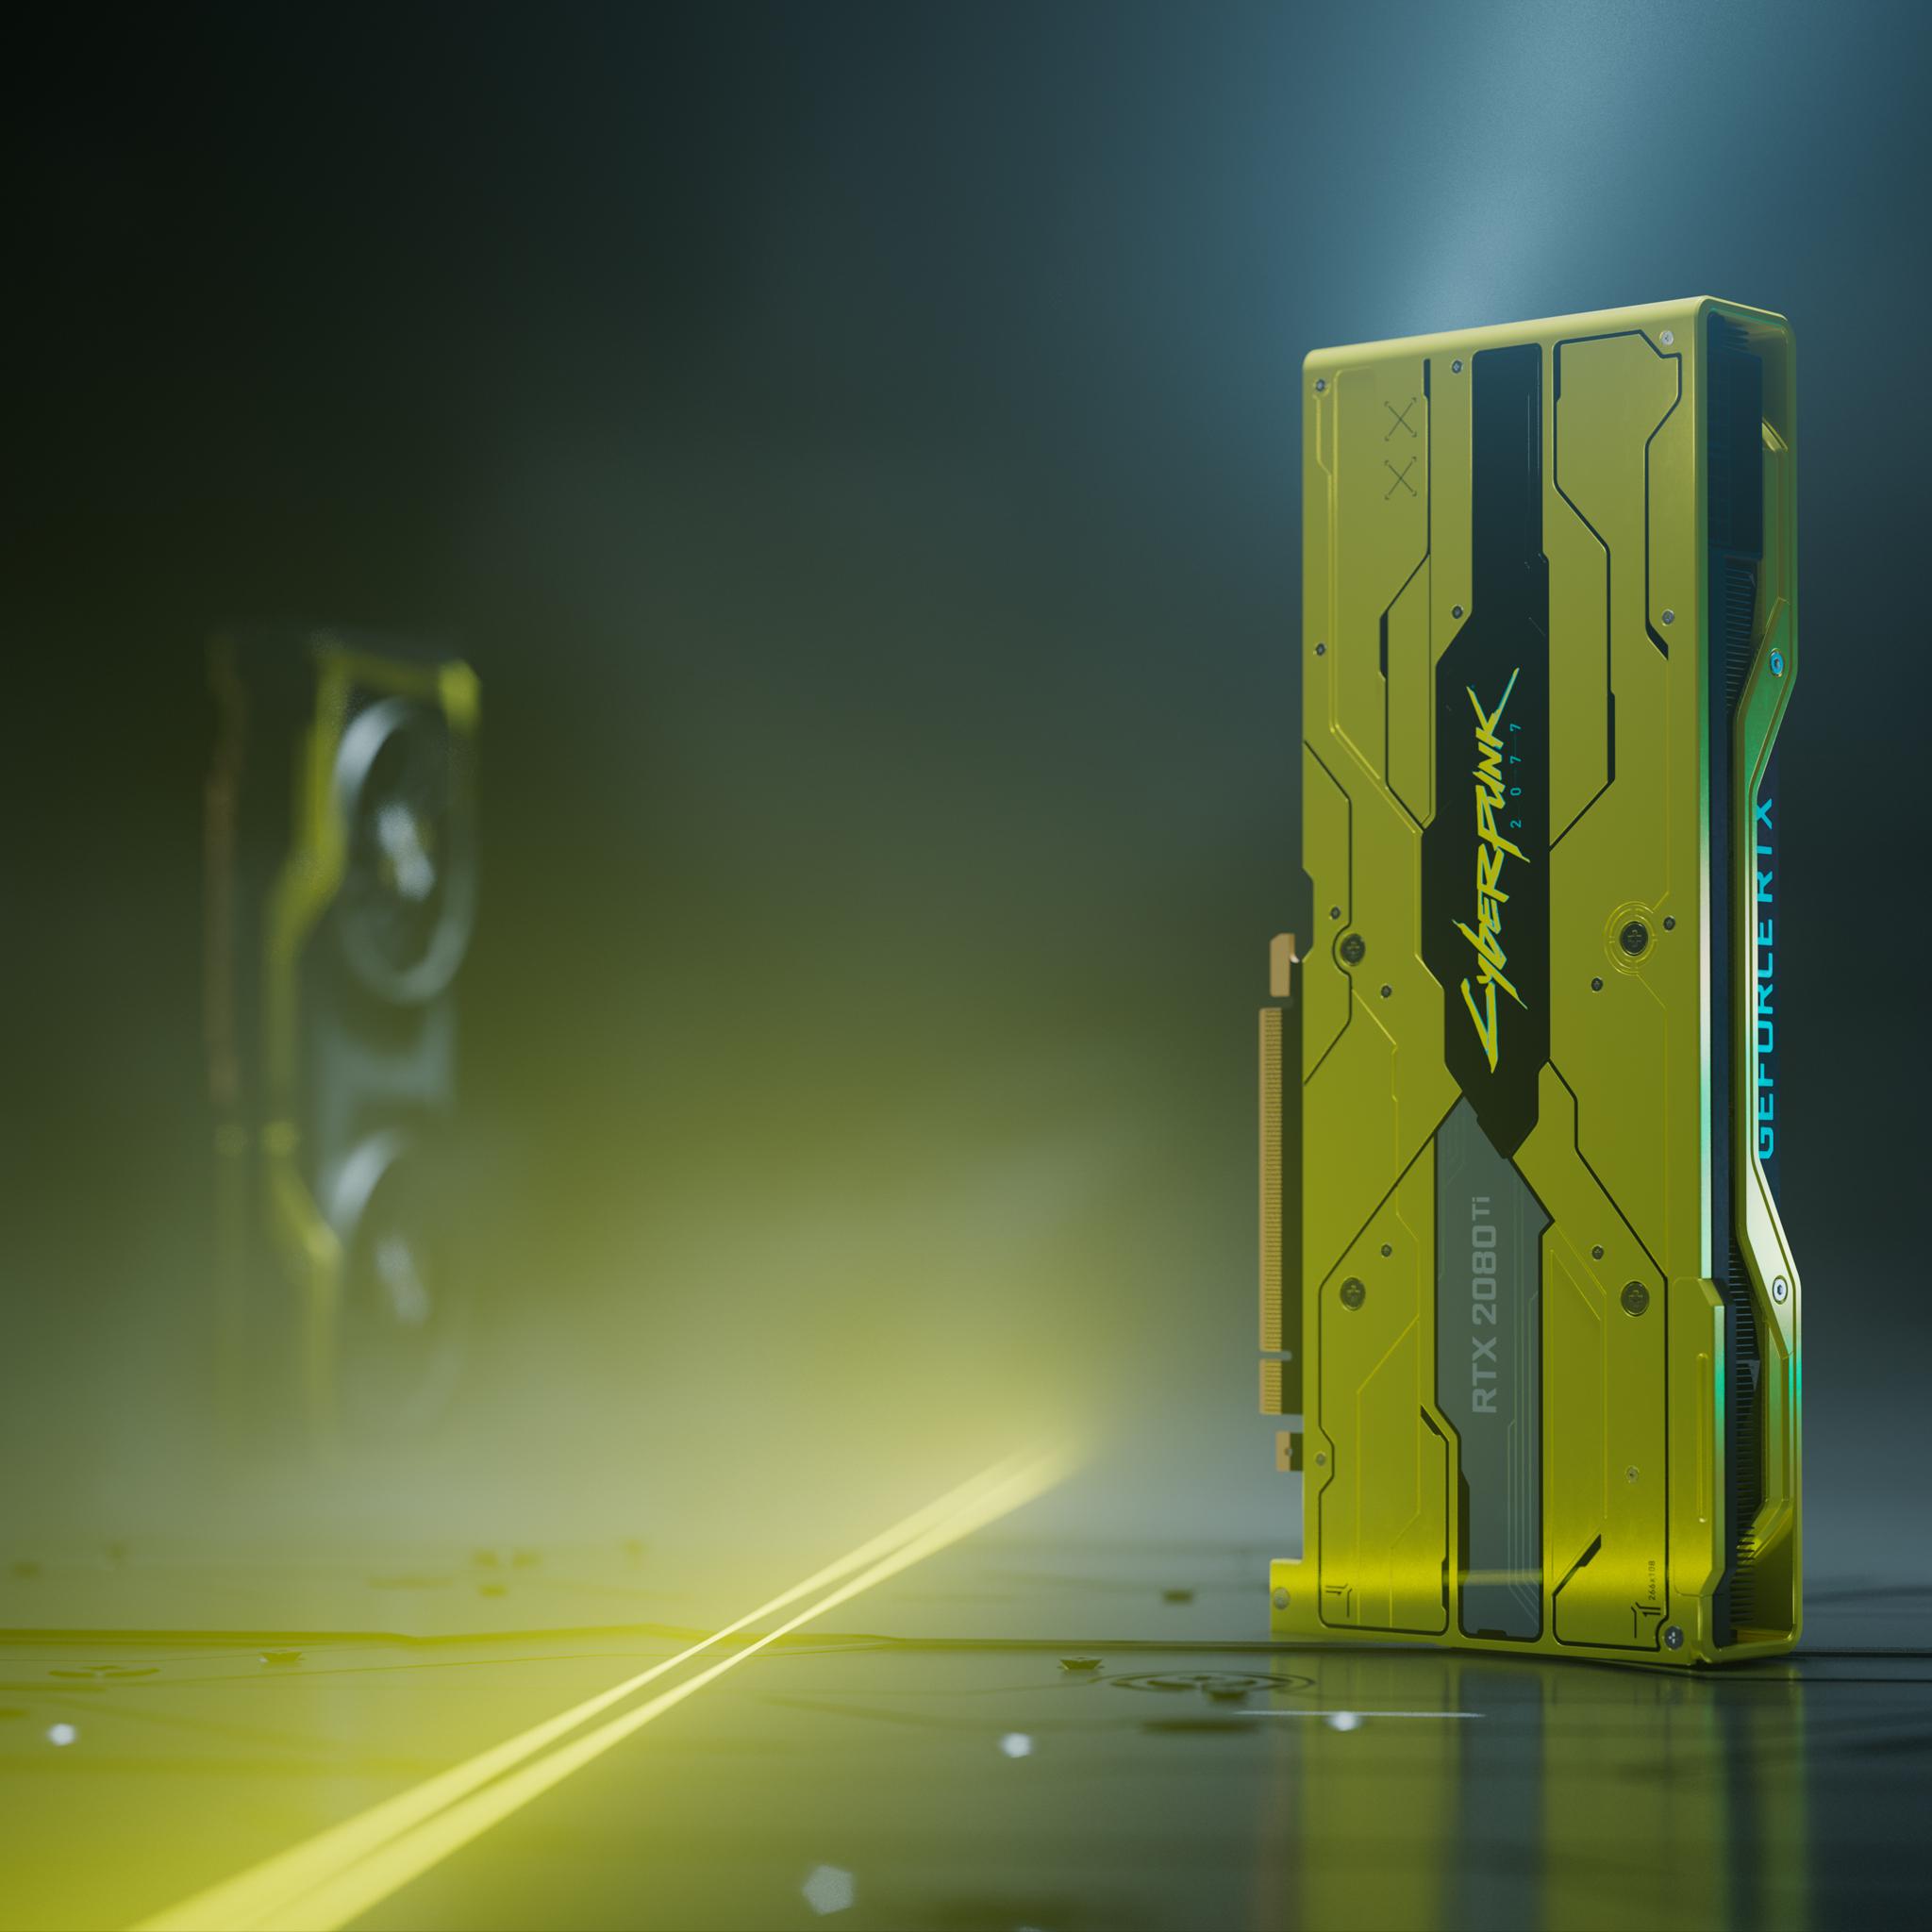 Стала известна производительность NVIDIA GeForce RTX 3080 и RTX 3090 в Cyberpunk 2077